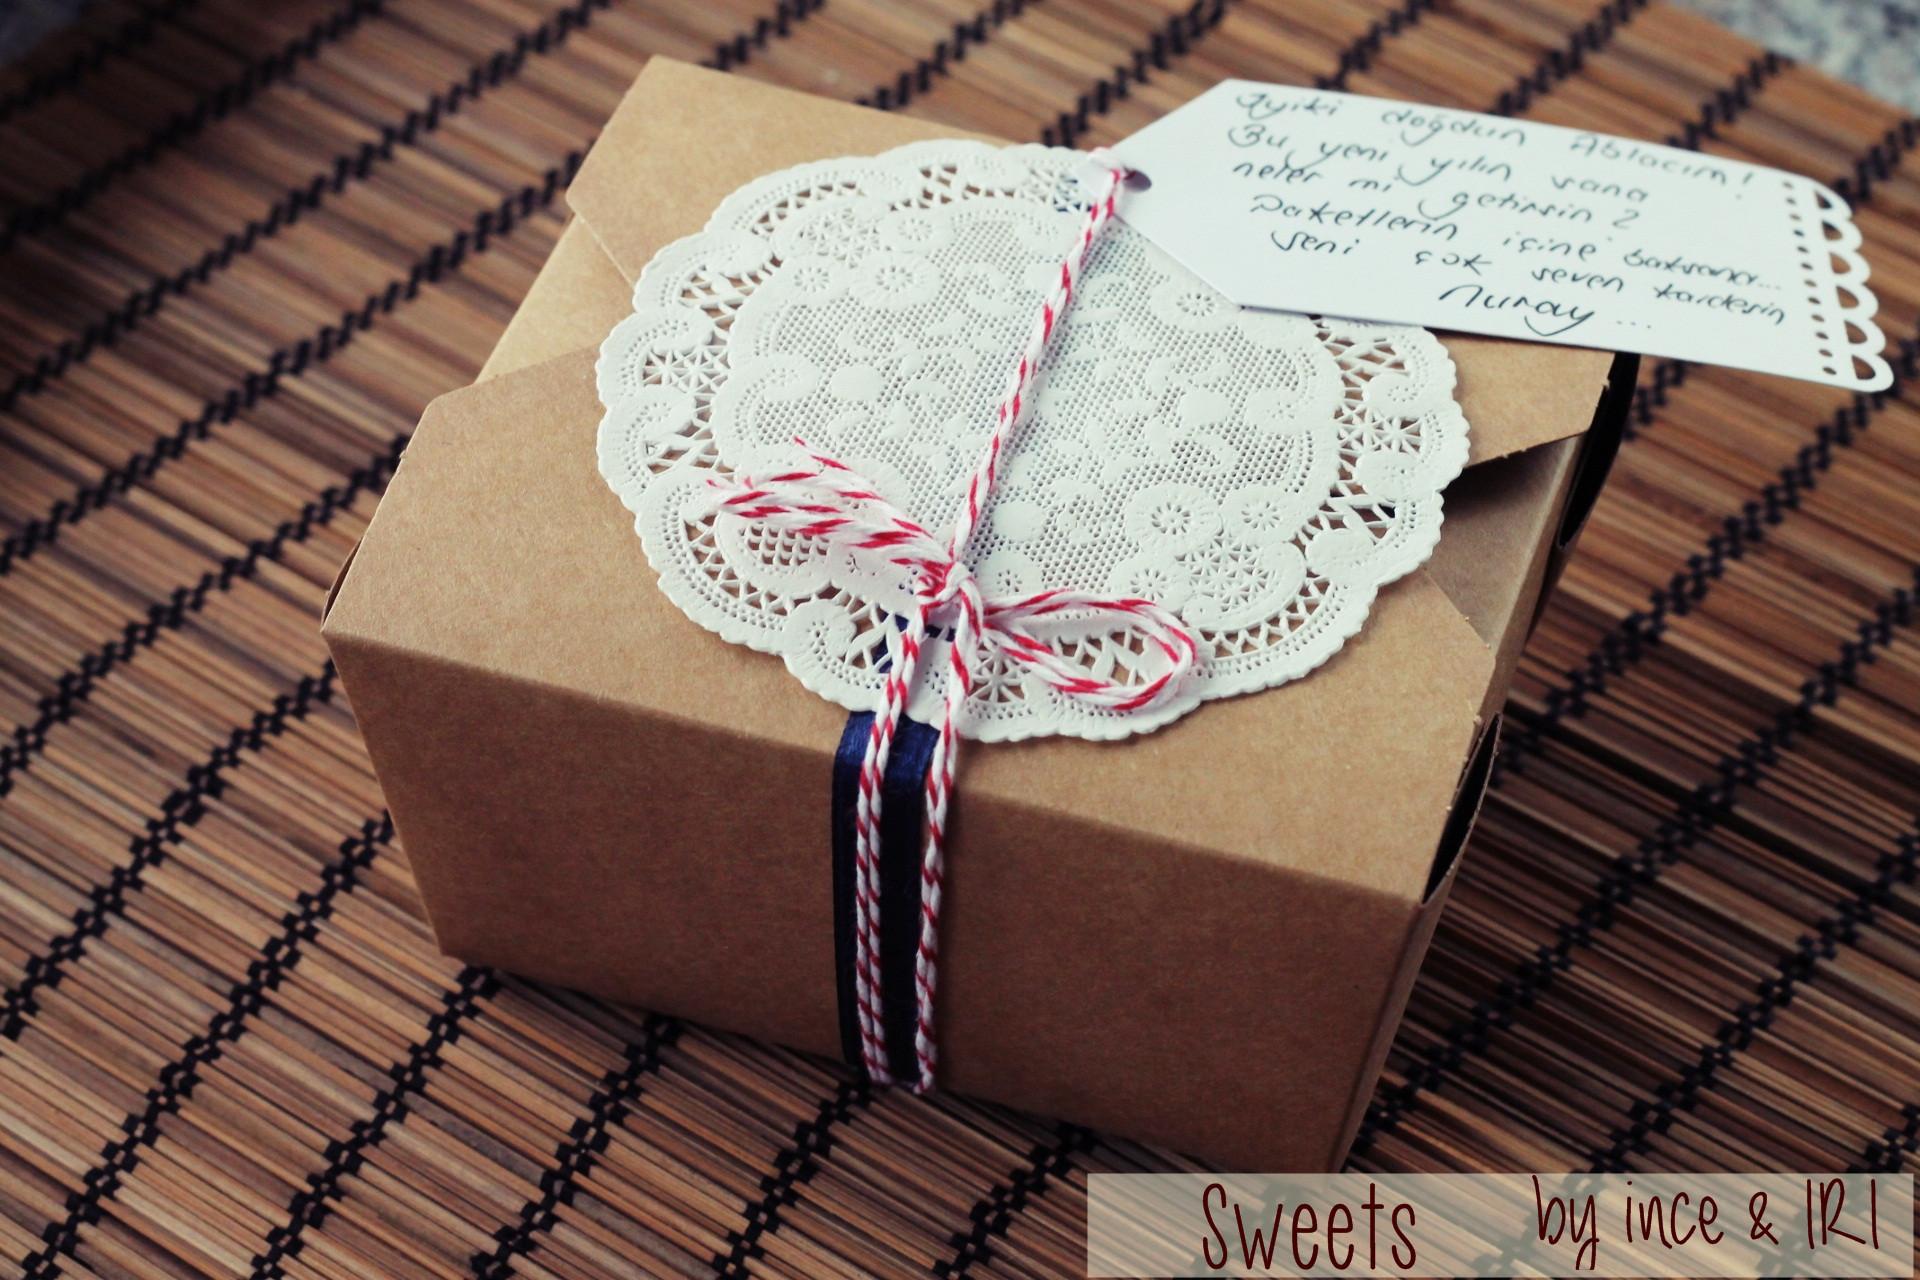 Geburtstagswünsche Auf Türkisch  Alle Geburtstagswünsche auf Cookies